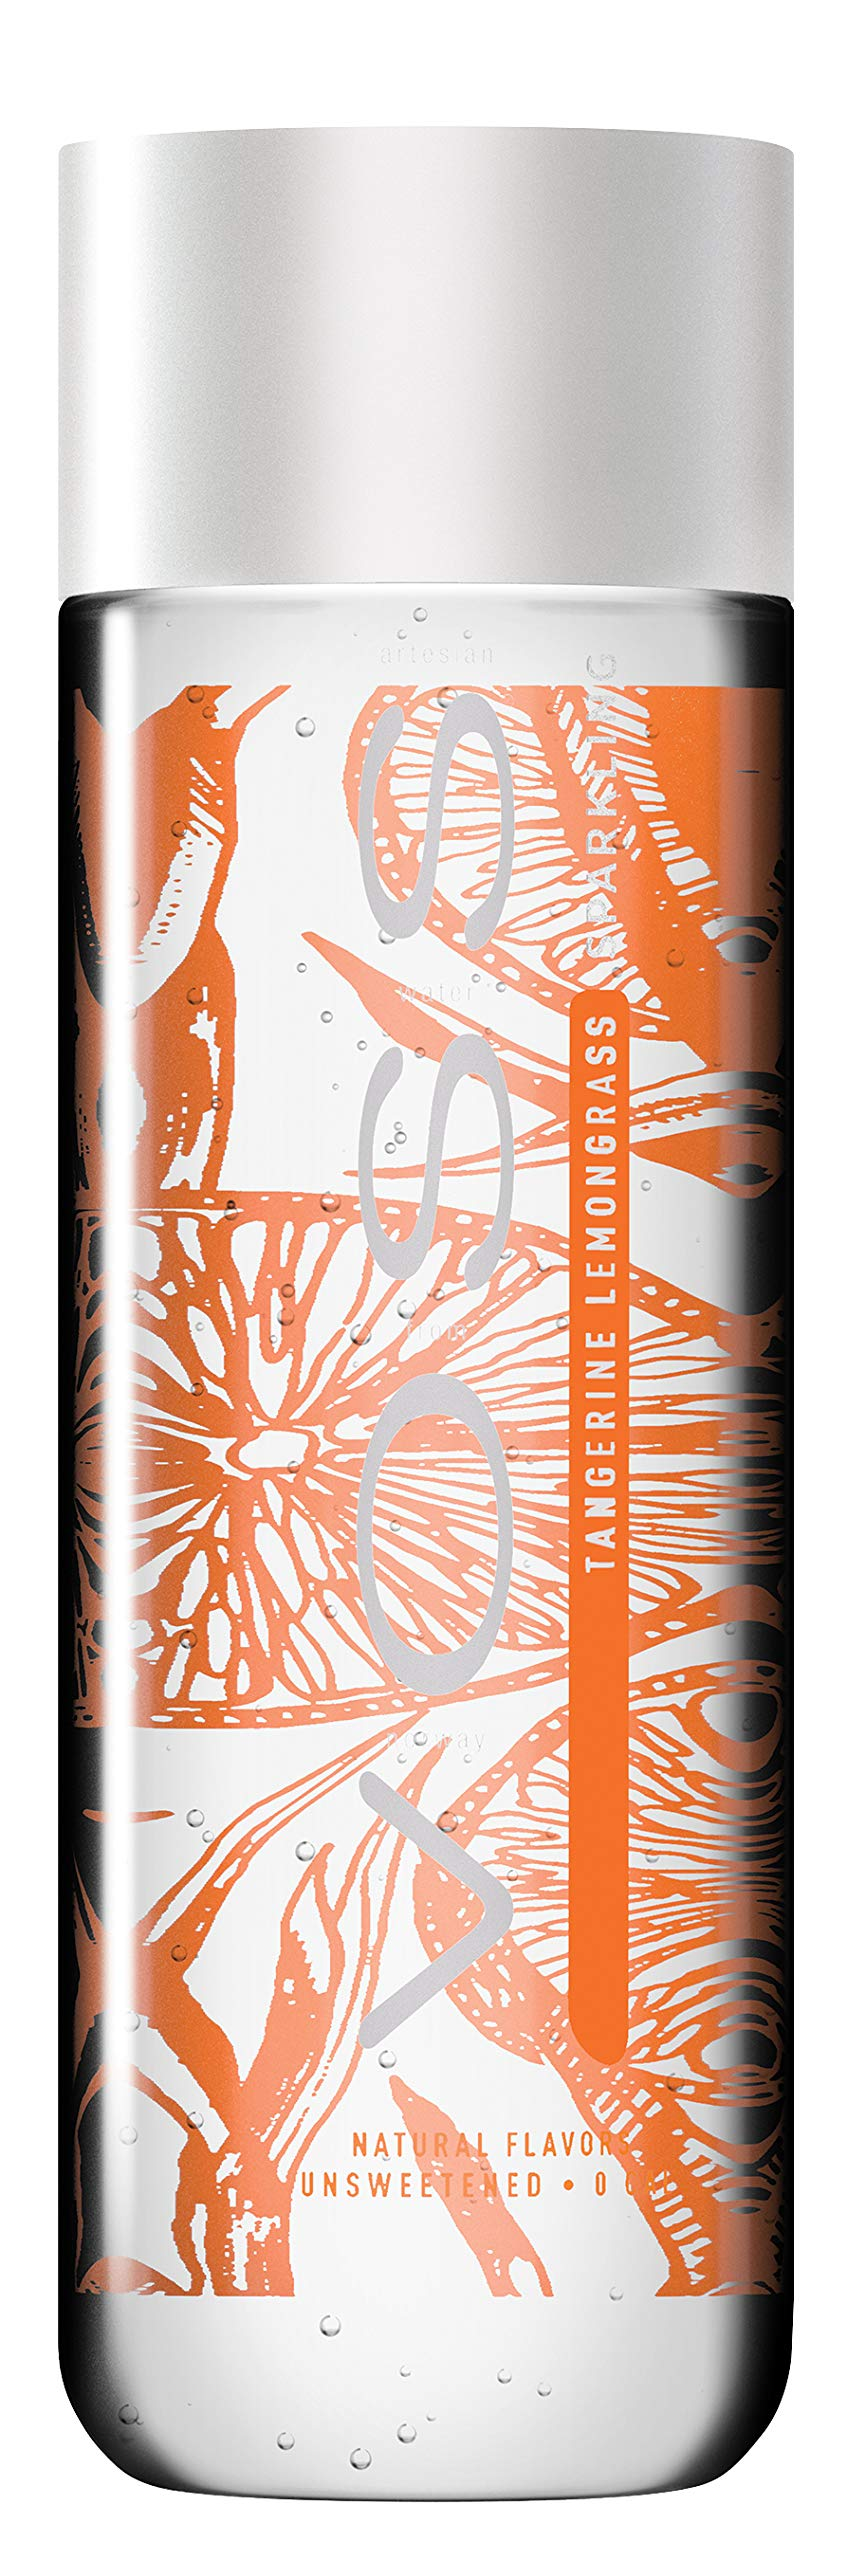 Voss  Artesian Sparkling Water, Tangerine Lemongrass, 330 ml Plastic Bottles (12 Count)